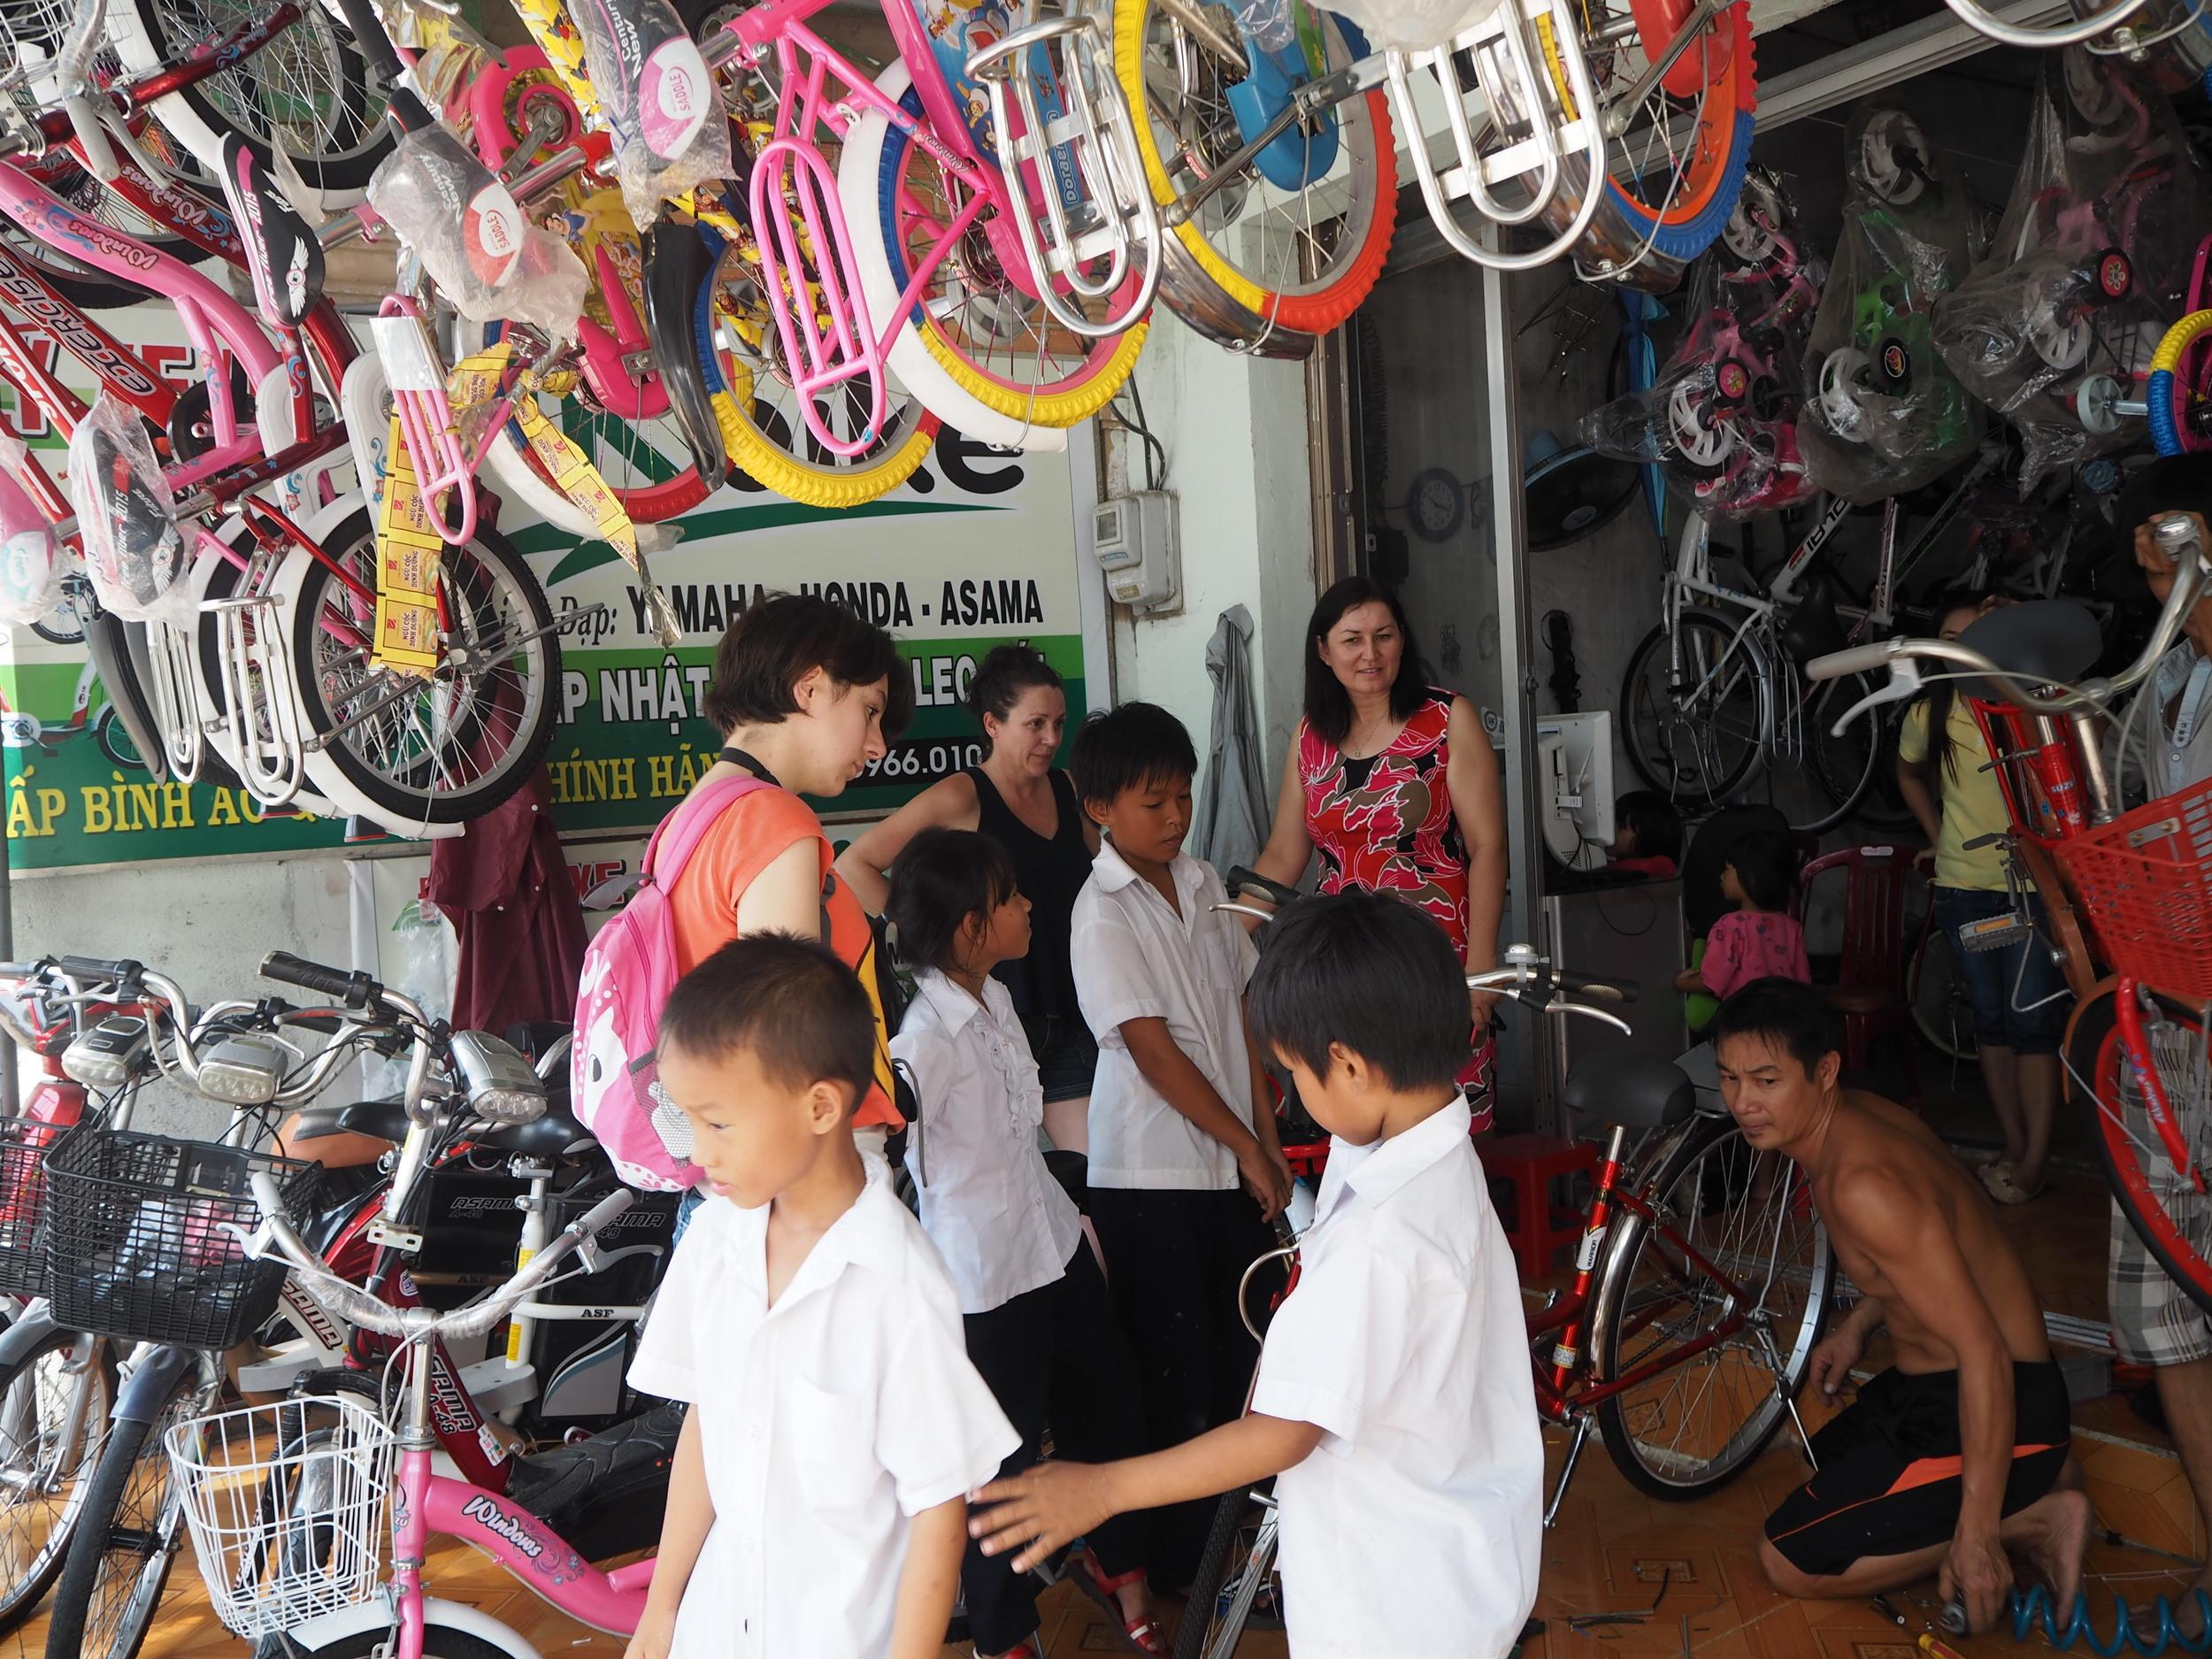 They were so excited choosing their bikes albeit still in shock